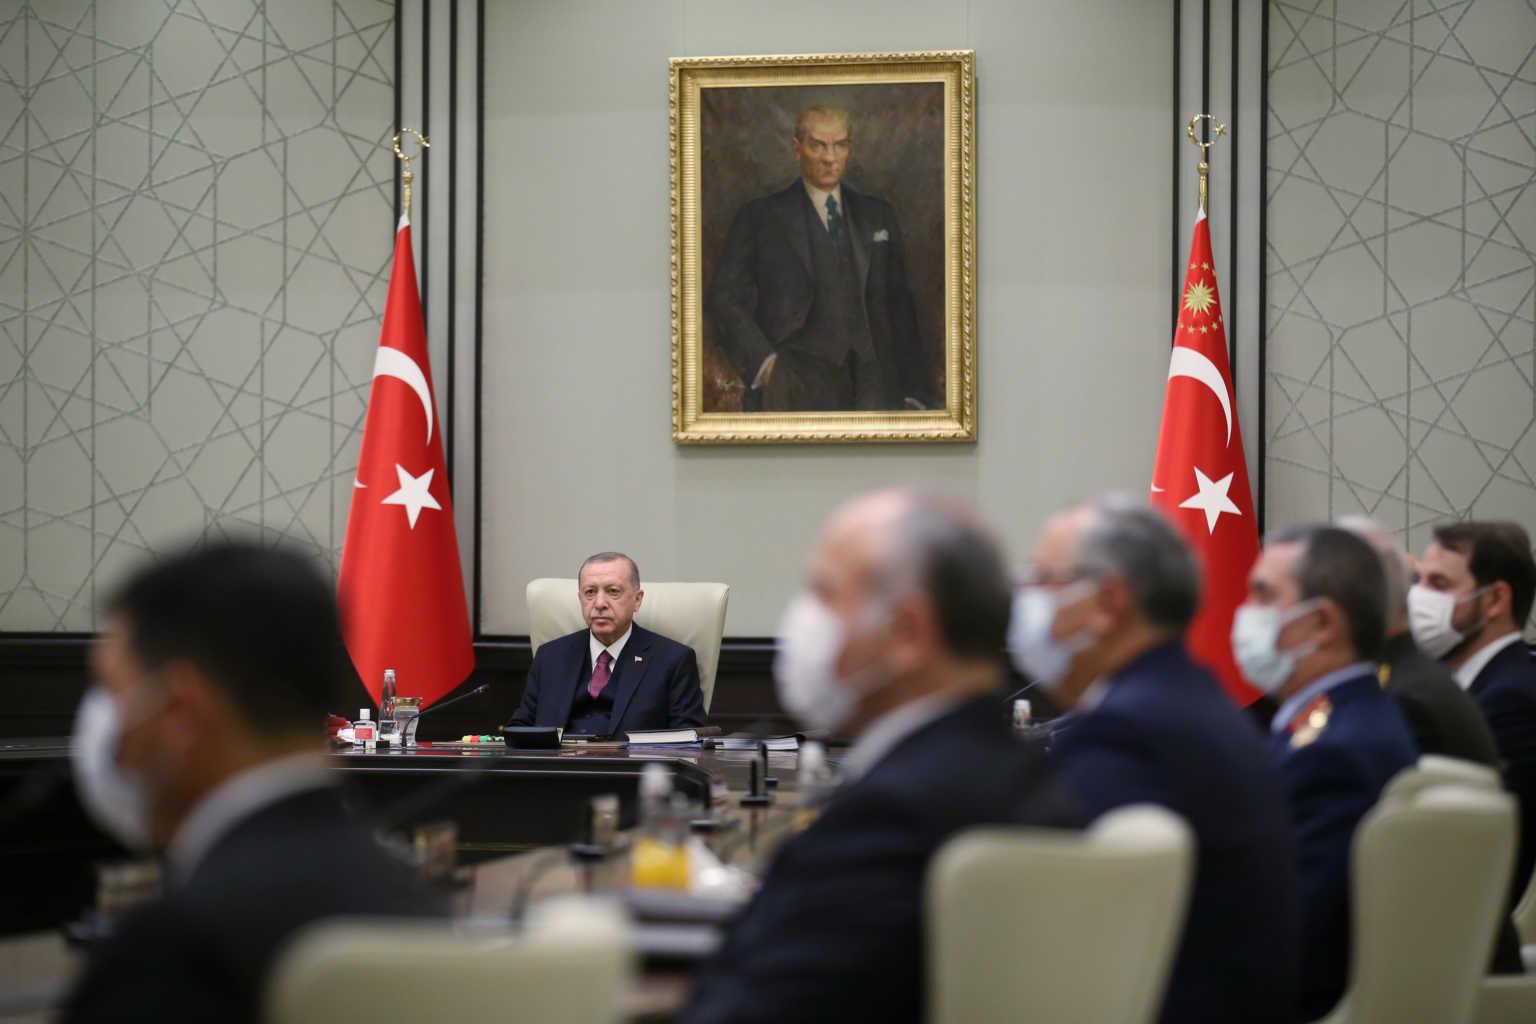 Σύνοδος Κορυφής: Ενοχλήθηκε η Άγκυρα! Η ΕΕ έγινε όμηρος της Ελλάδας και της Κύπρου